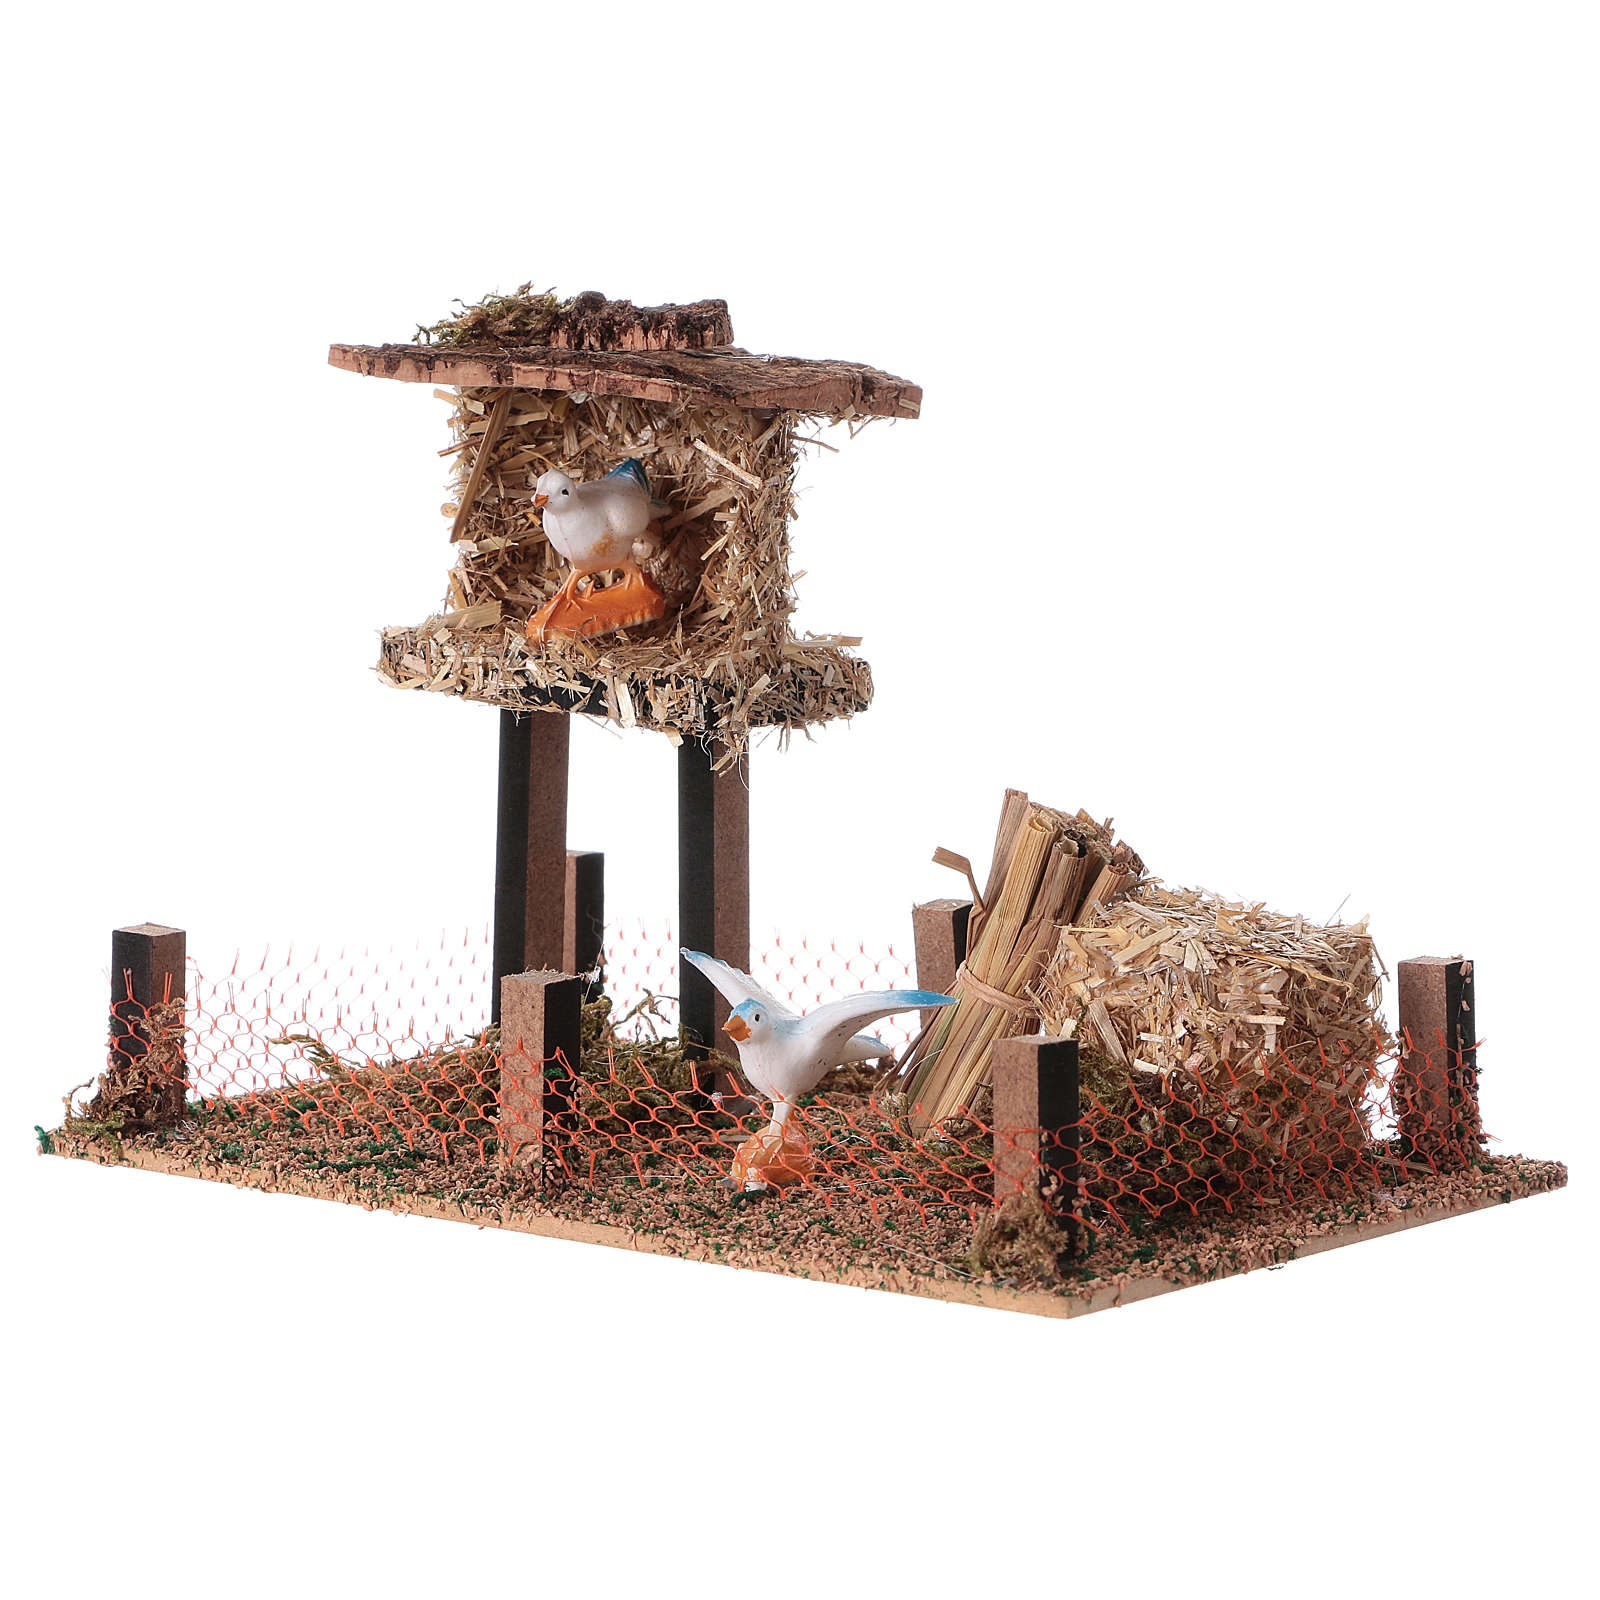 Cork dovecote and hay bale 10x20x10 cm 3